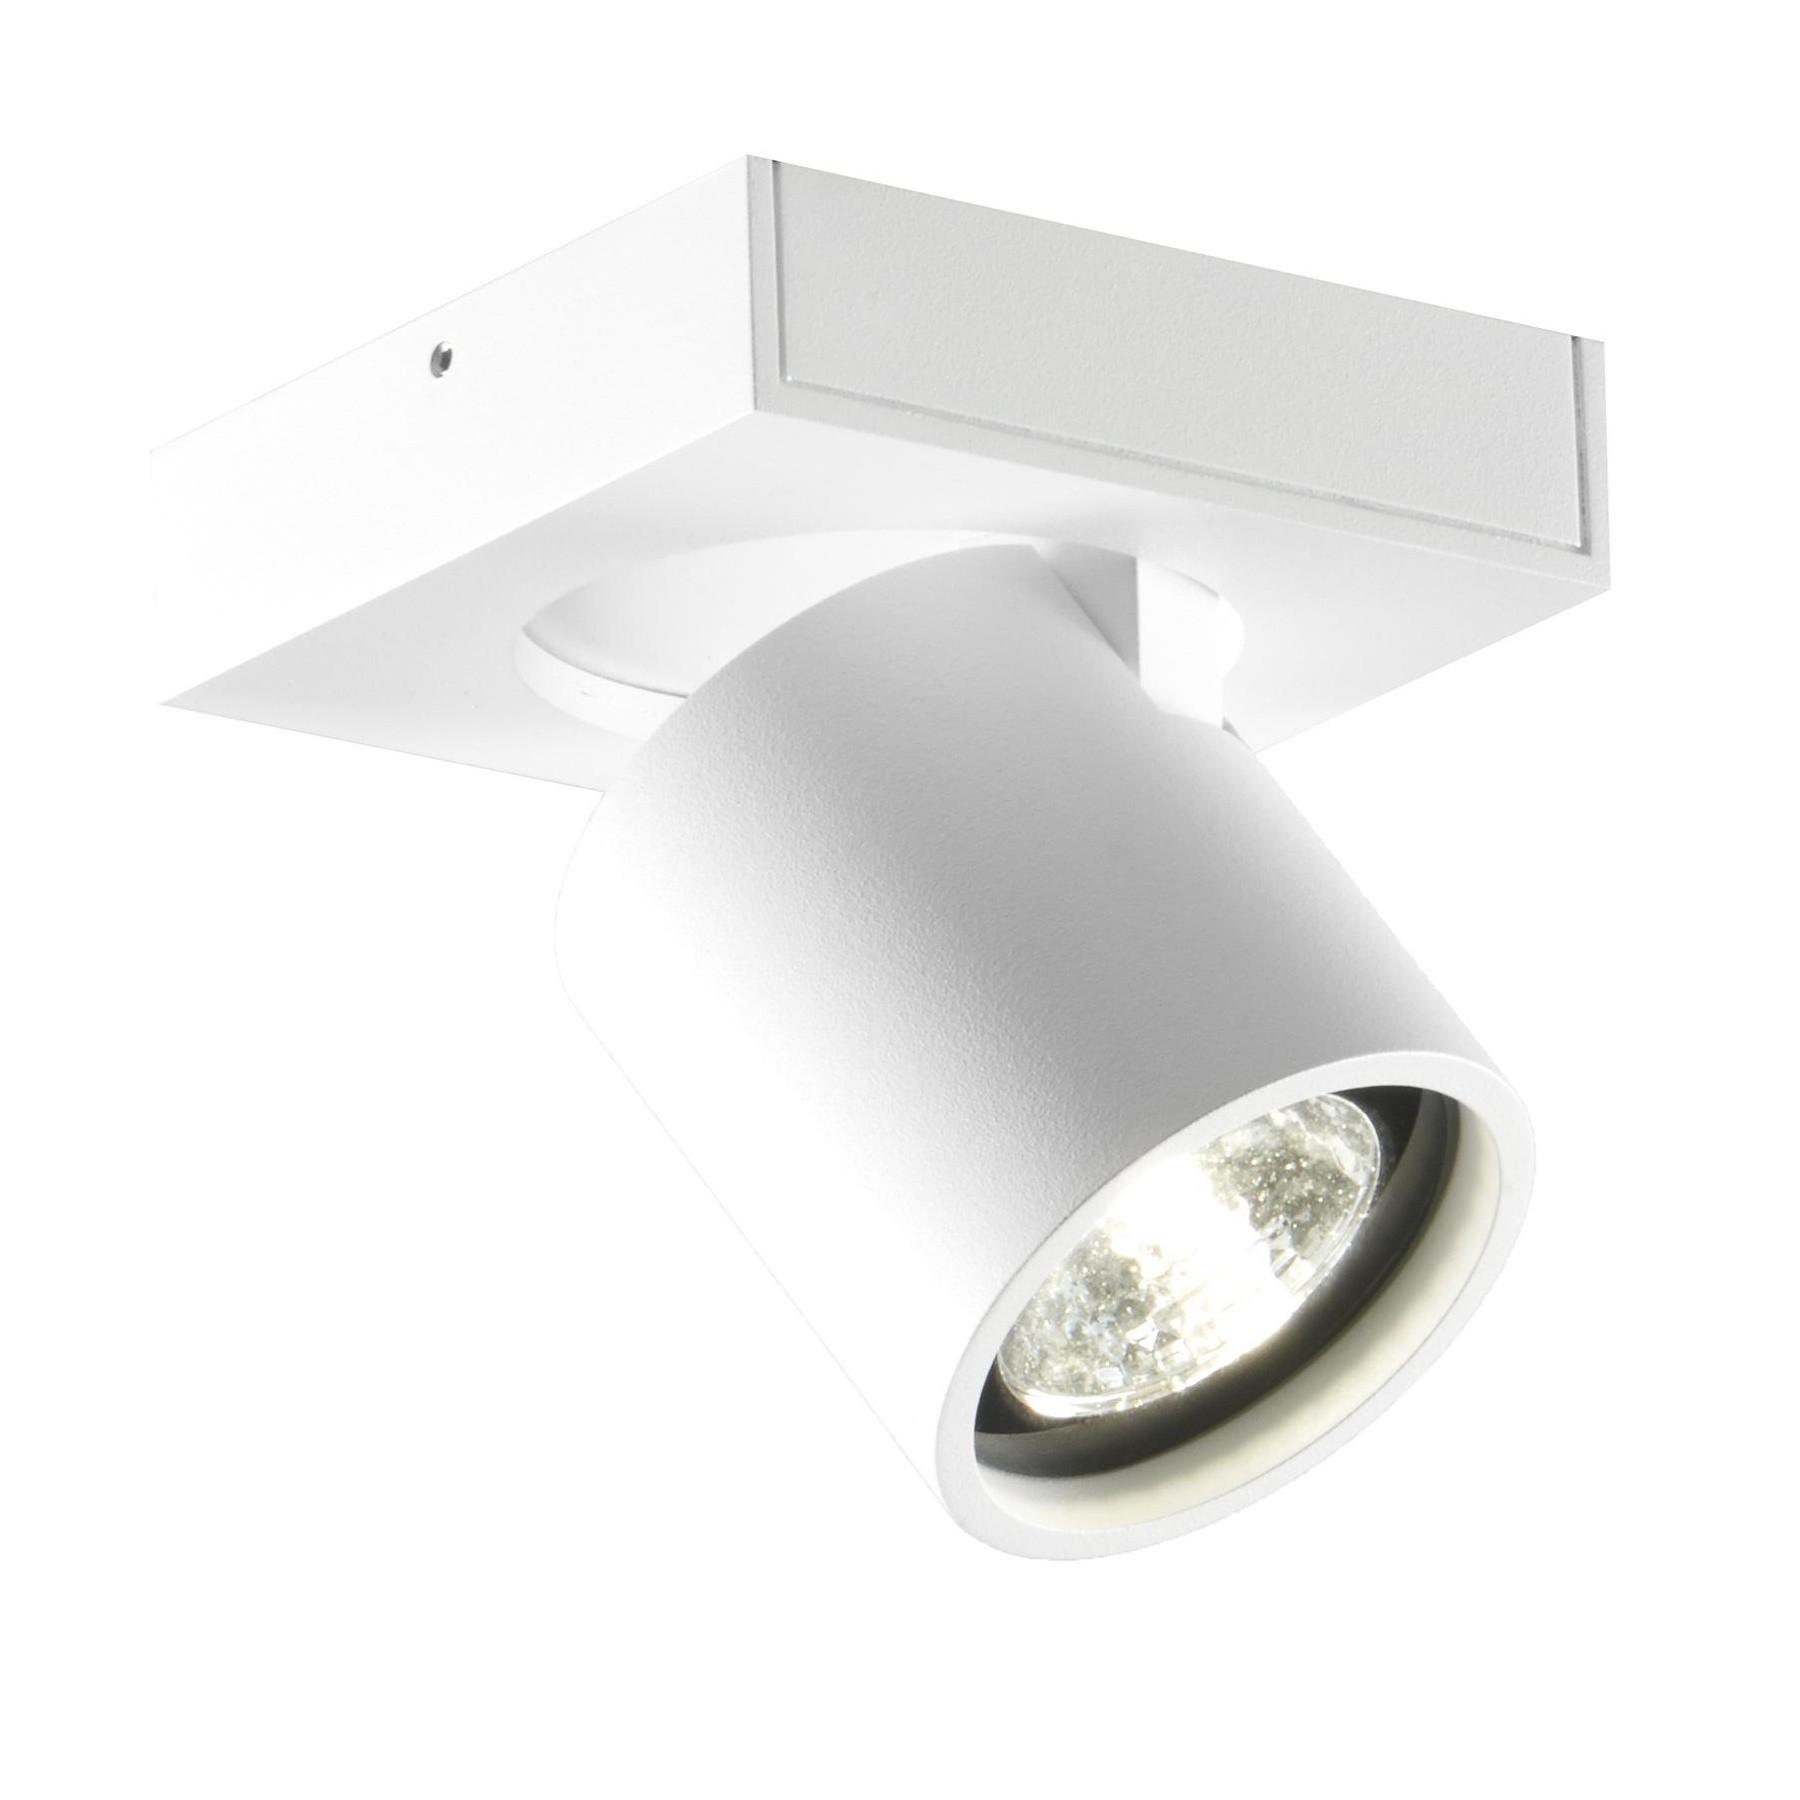 Light Point Focus 1 Led Ceiling Lamp